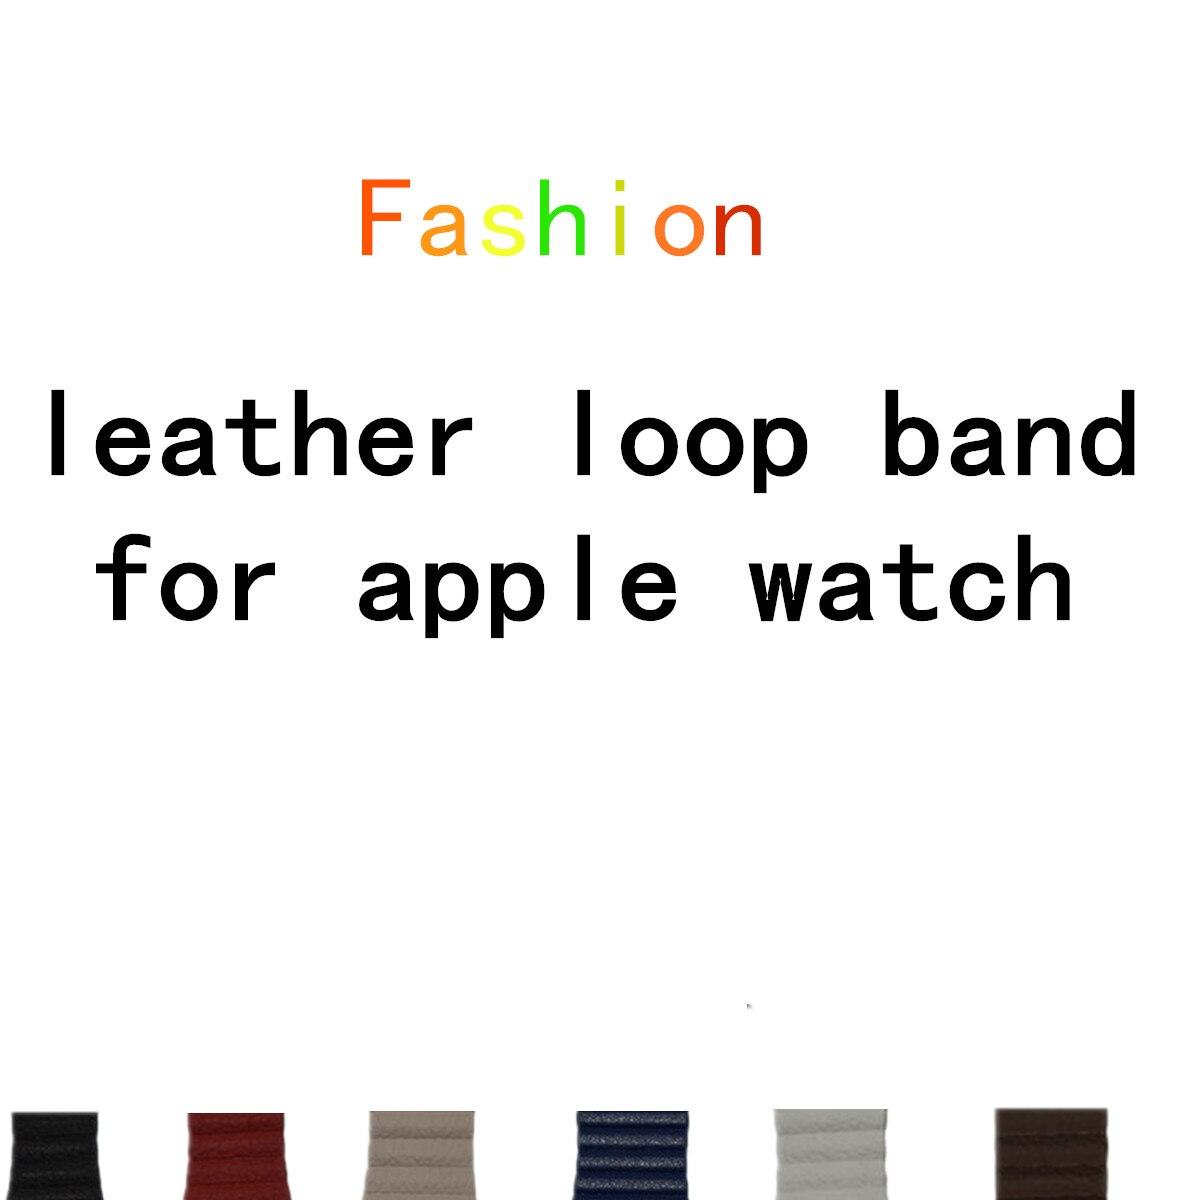 LNOP кожаная Петля ремешок для Apple Watch группа 42 мм/38 Ремешок Браслет и регулируемый Магнитная Синтетическое закрытие волос петли кожаный ремеш...